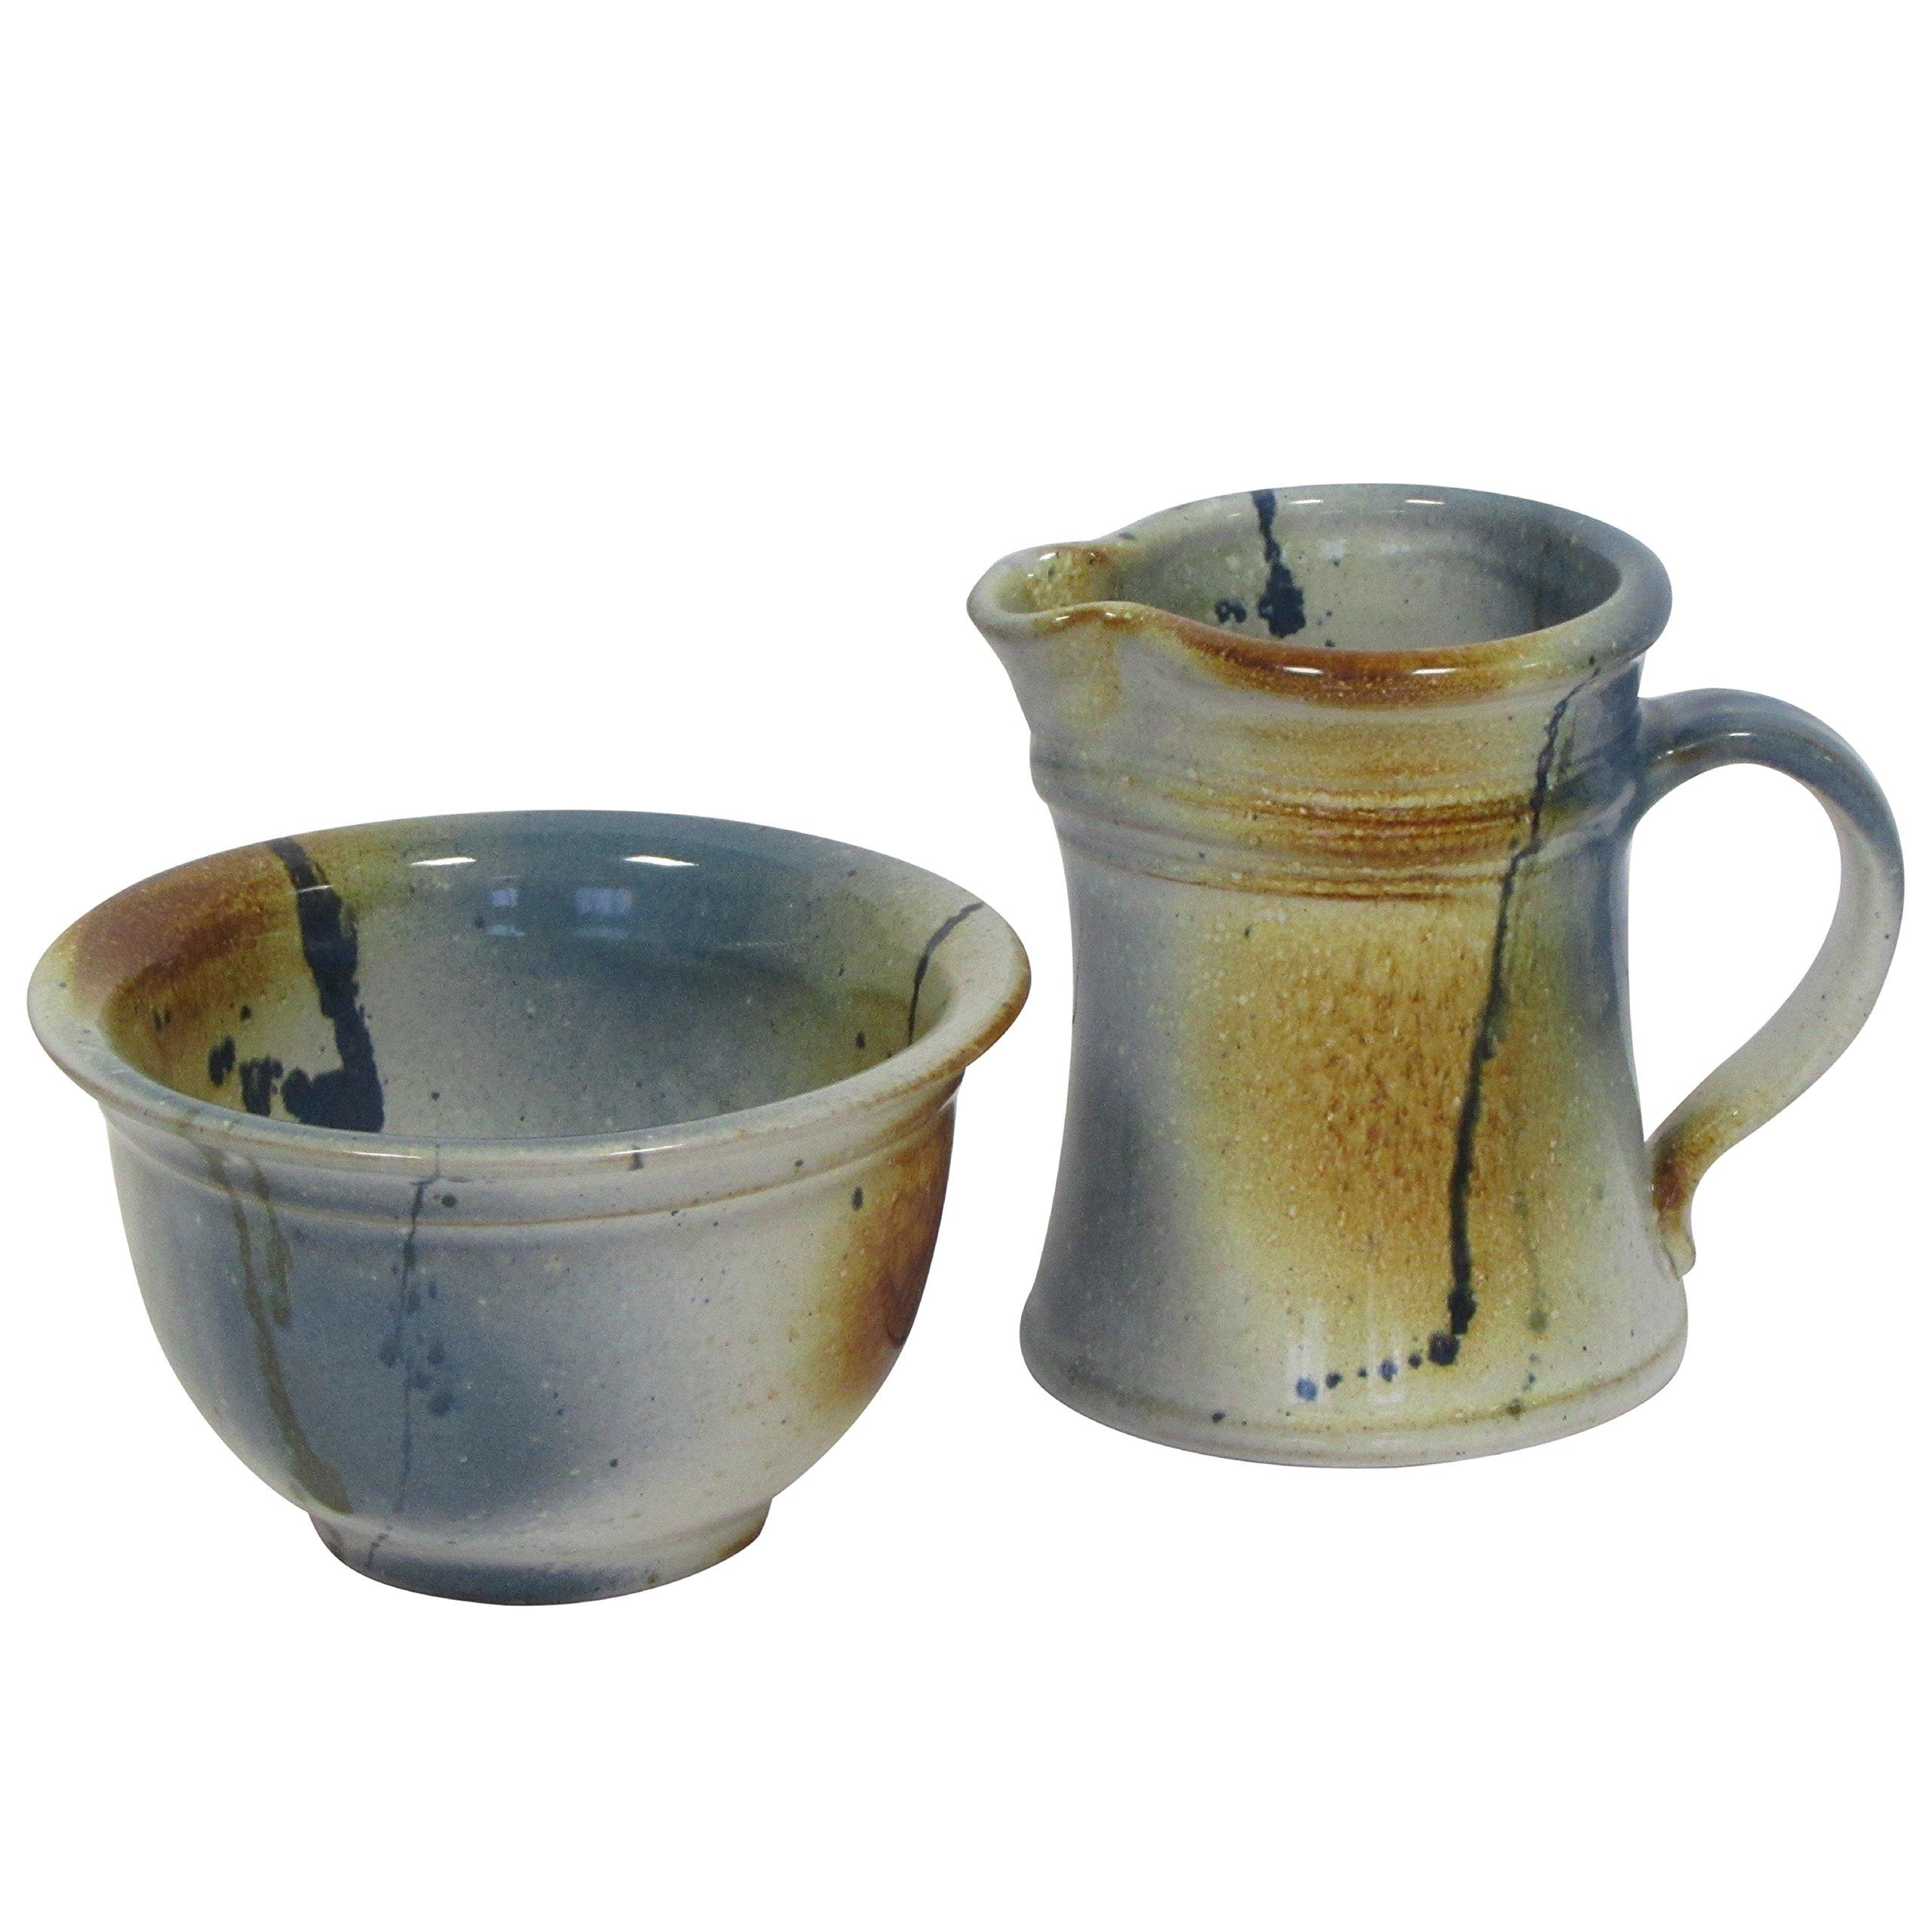 Handmade Sugar and Creamer Set by Kiltrea Bridge Pottery Ireland - 100% Lead Free Glazed Clay Irish Pottery Set